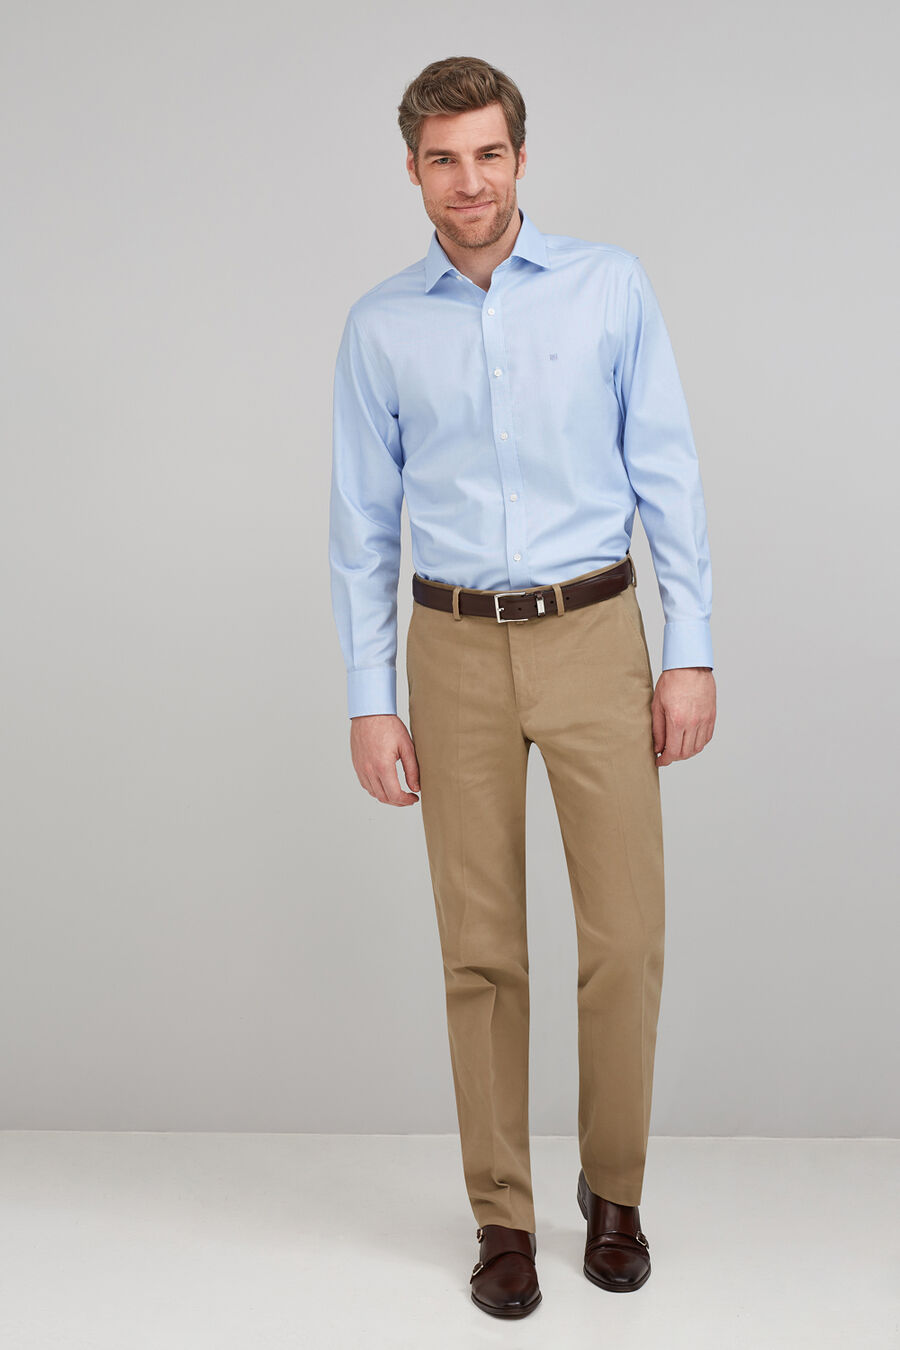 Formal non-iron shirt